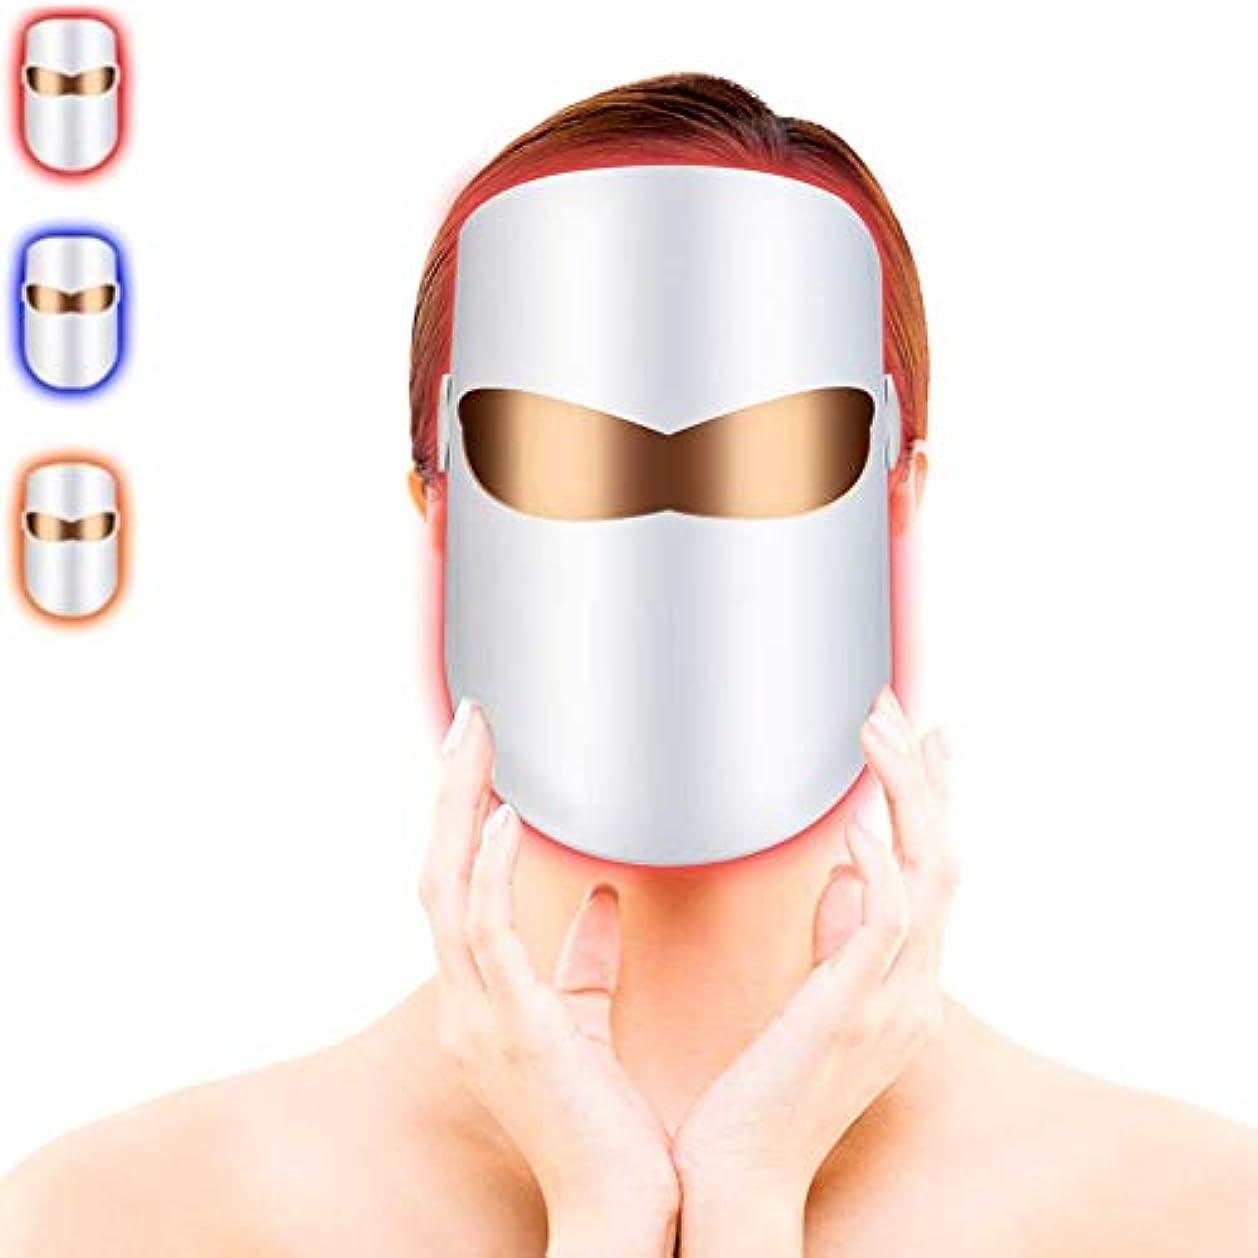 仲間誠実さデータLEDフェイシャルマスク、ライトセラピーフェイスマスクにきび治療、LEDフォトンセラピーフェイシャル美容マスクにきびスポットのしわコラーゲンコラーゲンスキンケアの若返りのための無制限の治療